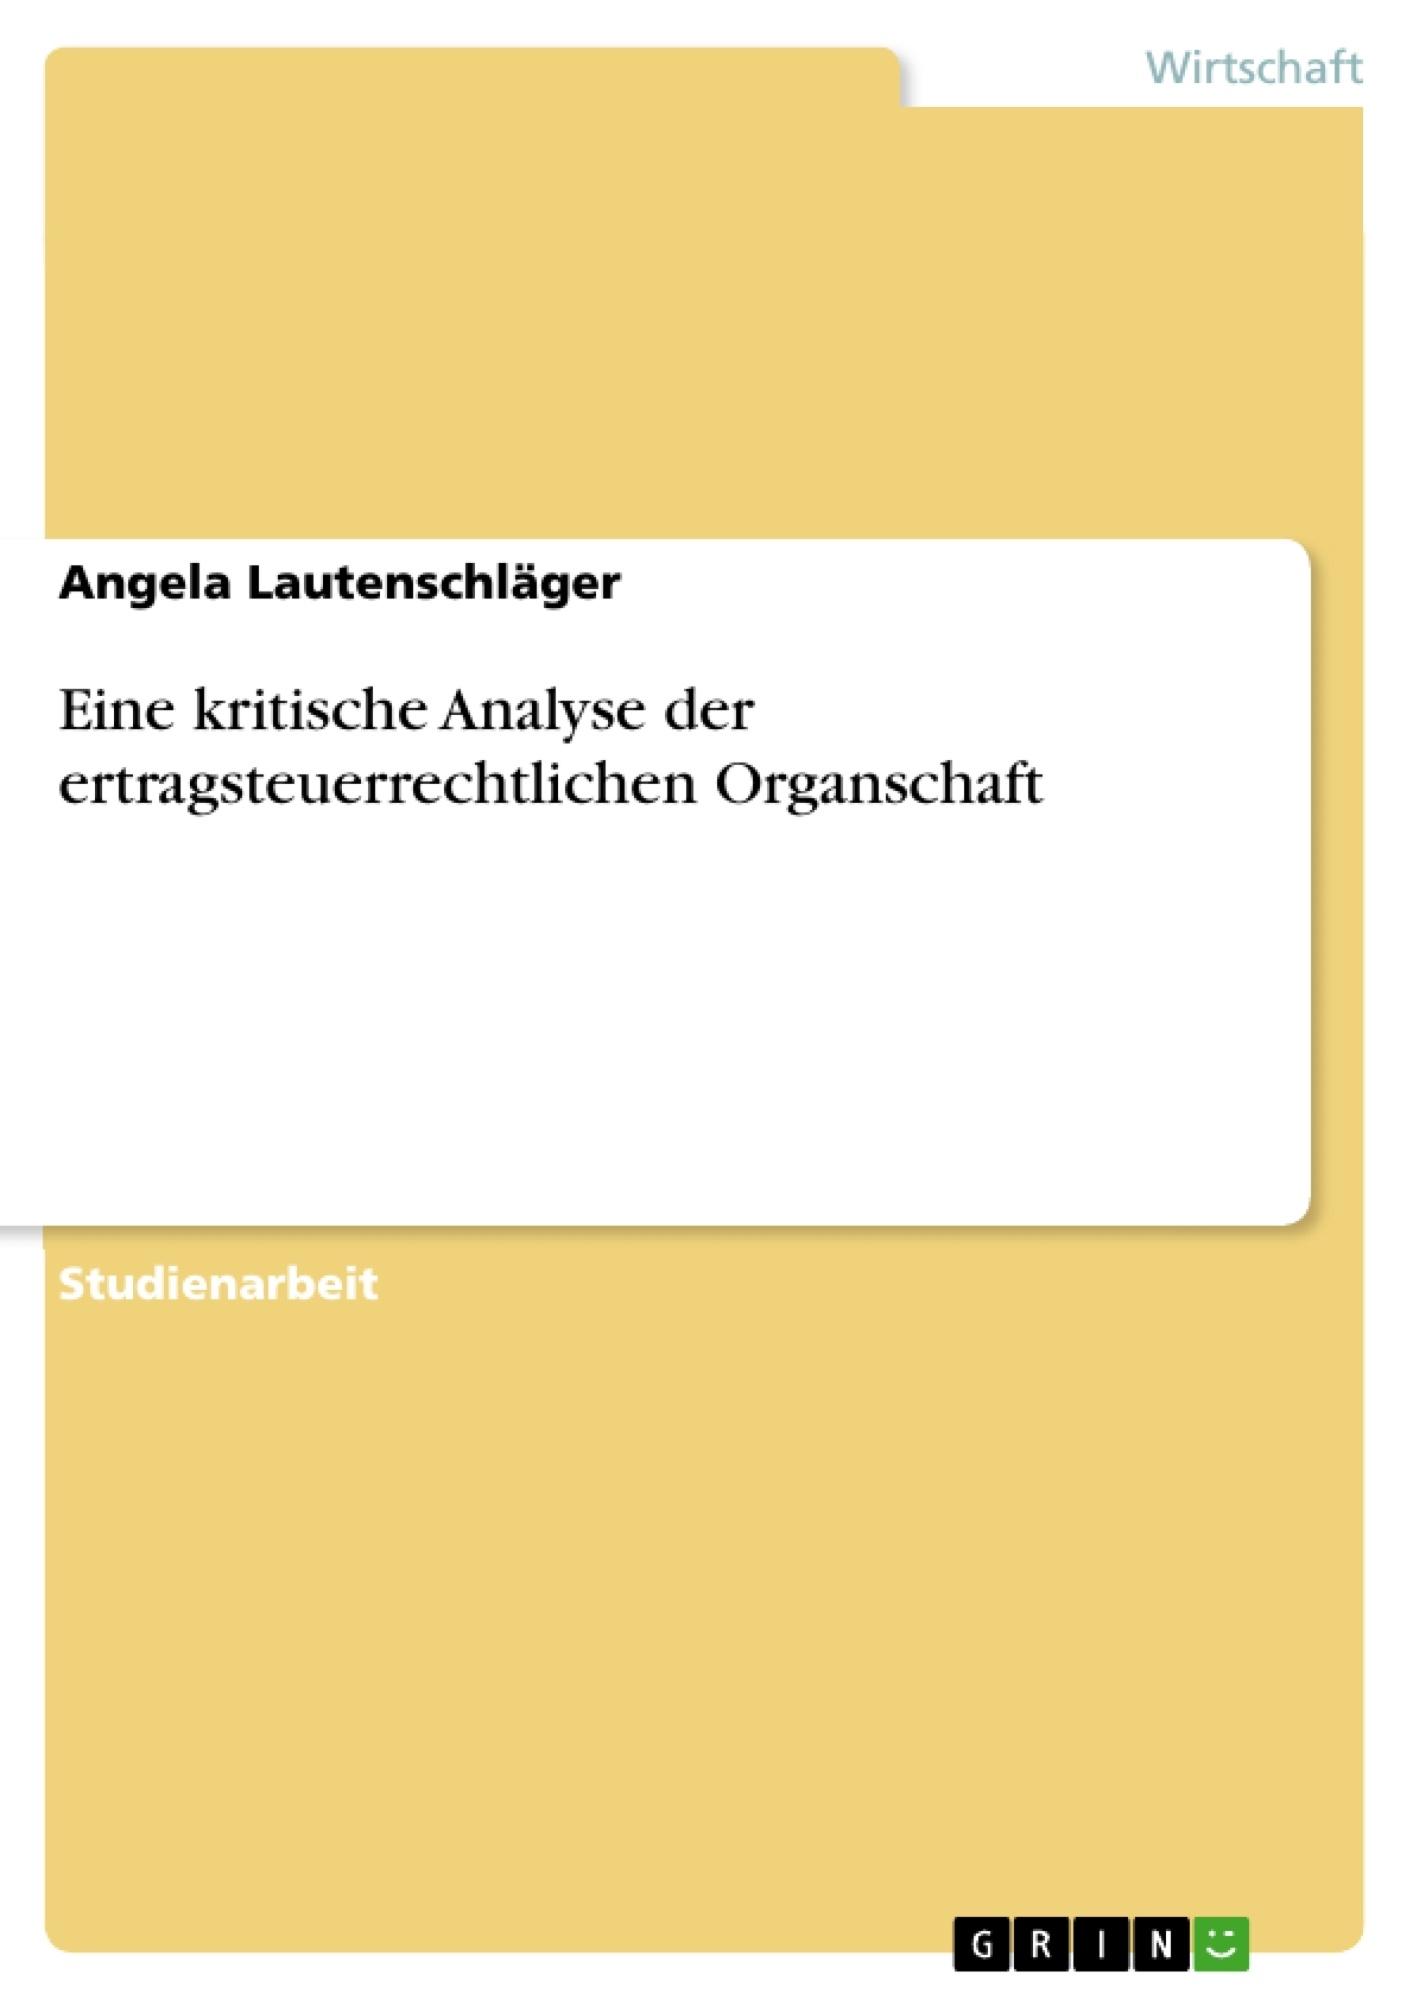 Titel: Eine kritische Analyse der ertragsteuerrechtlichen Organschaft